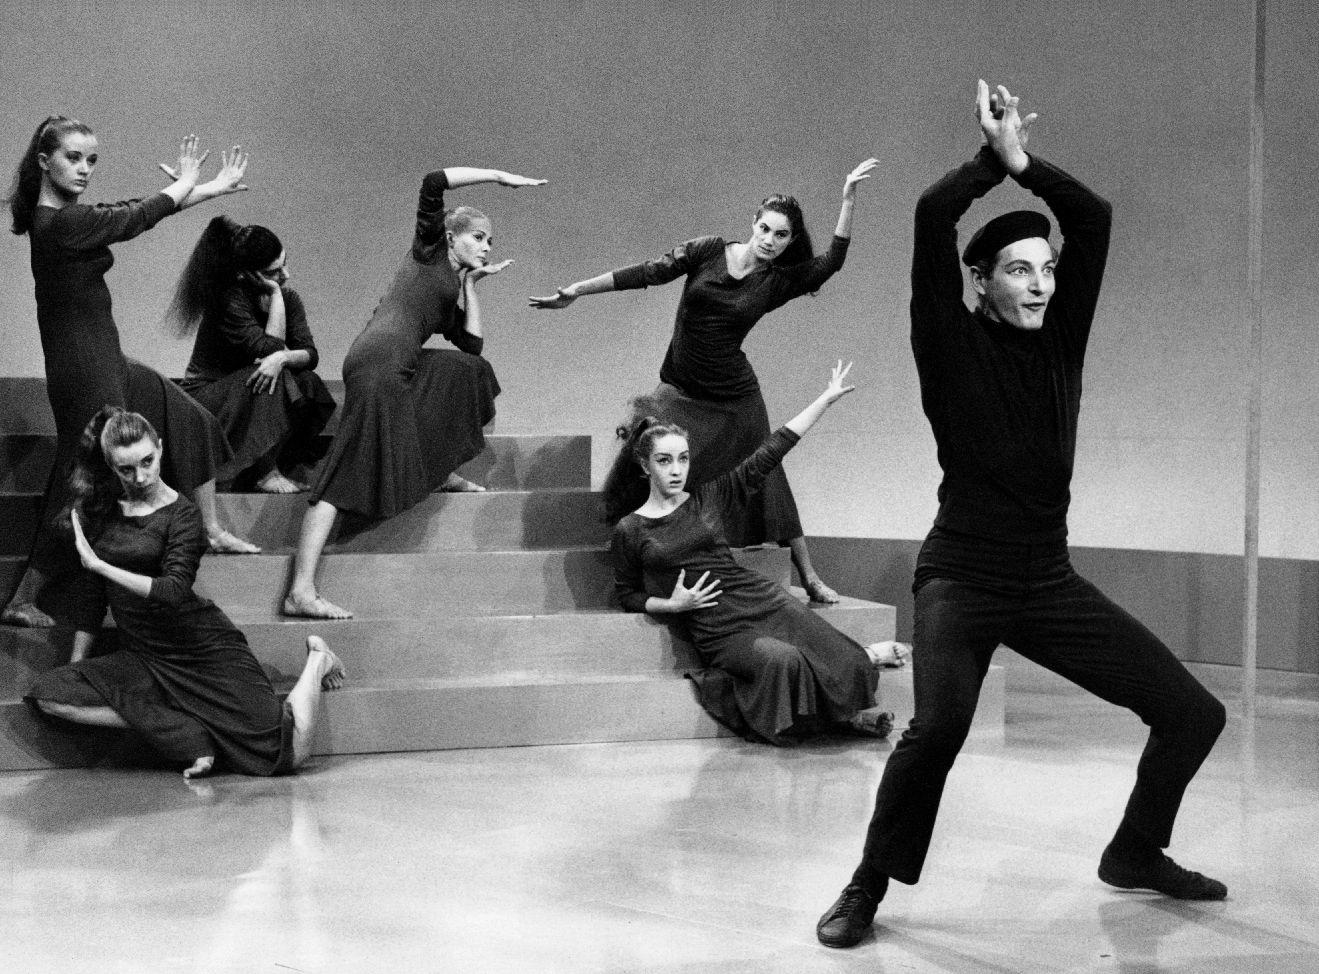 Danny Kaye, Modern Dance